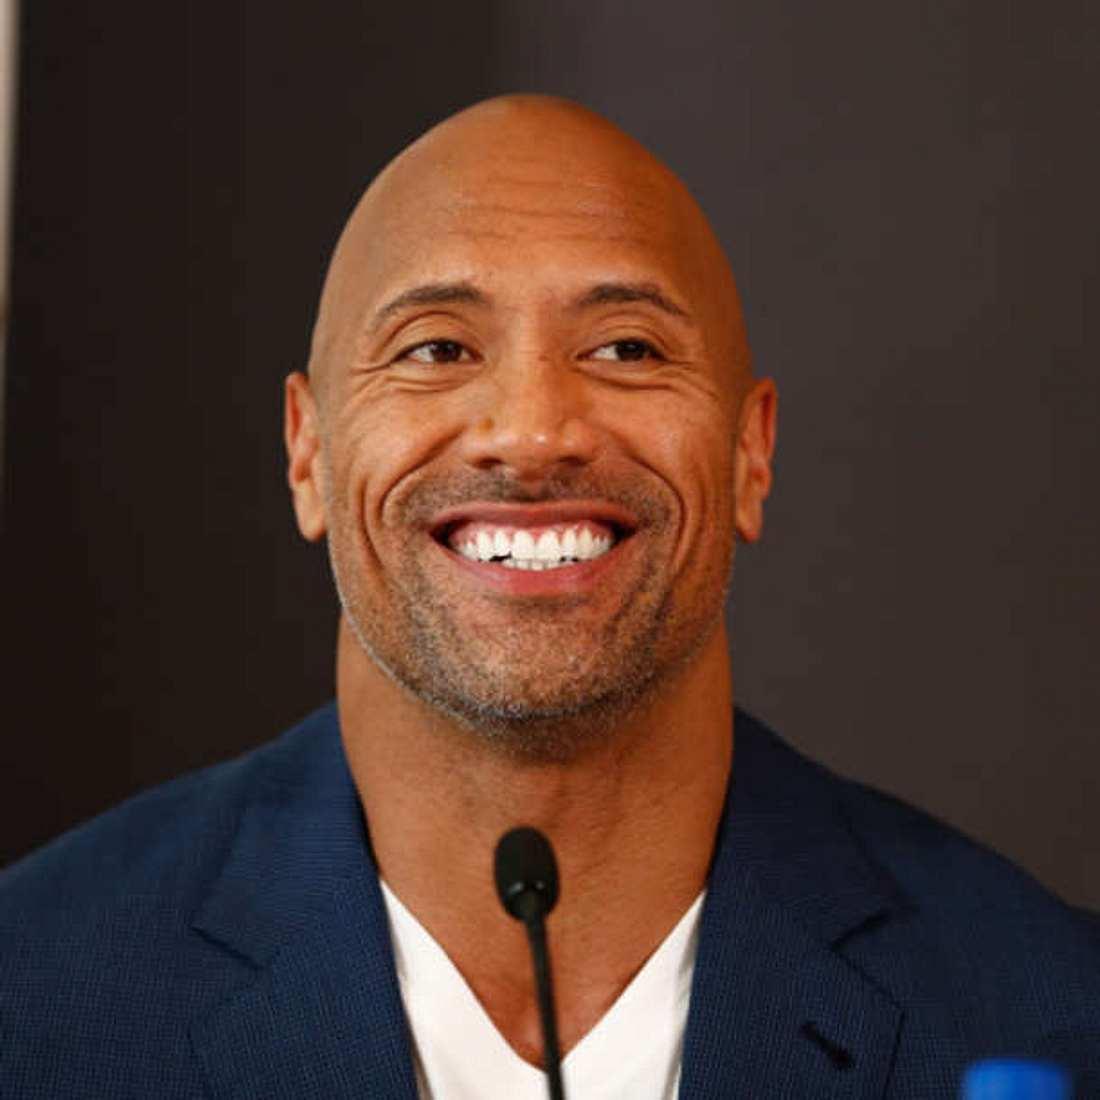 Dwayne The Rock Johnson Politik